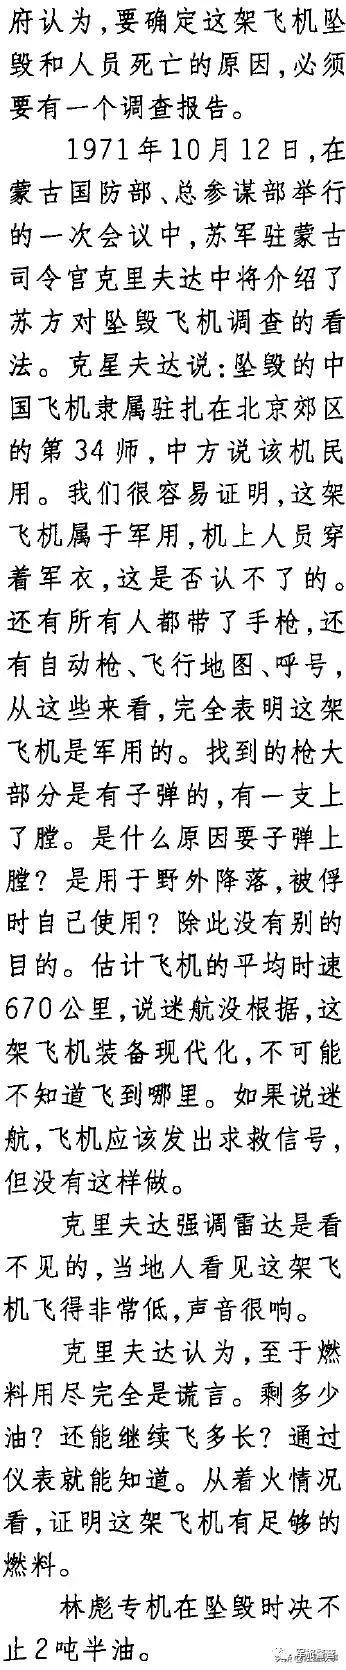 """蒙古学者披露""""九·一三事件""""细节"""